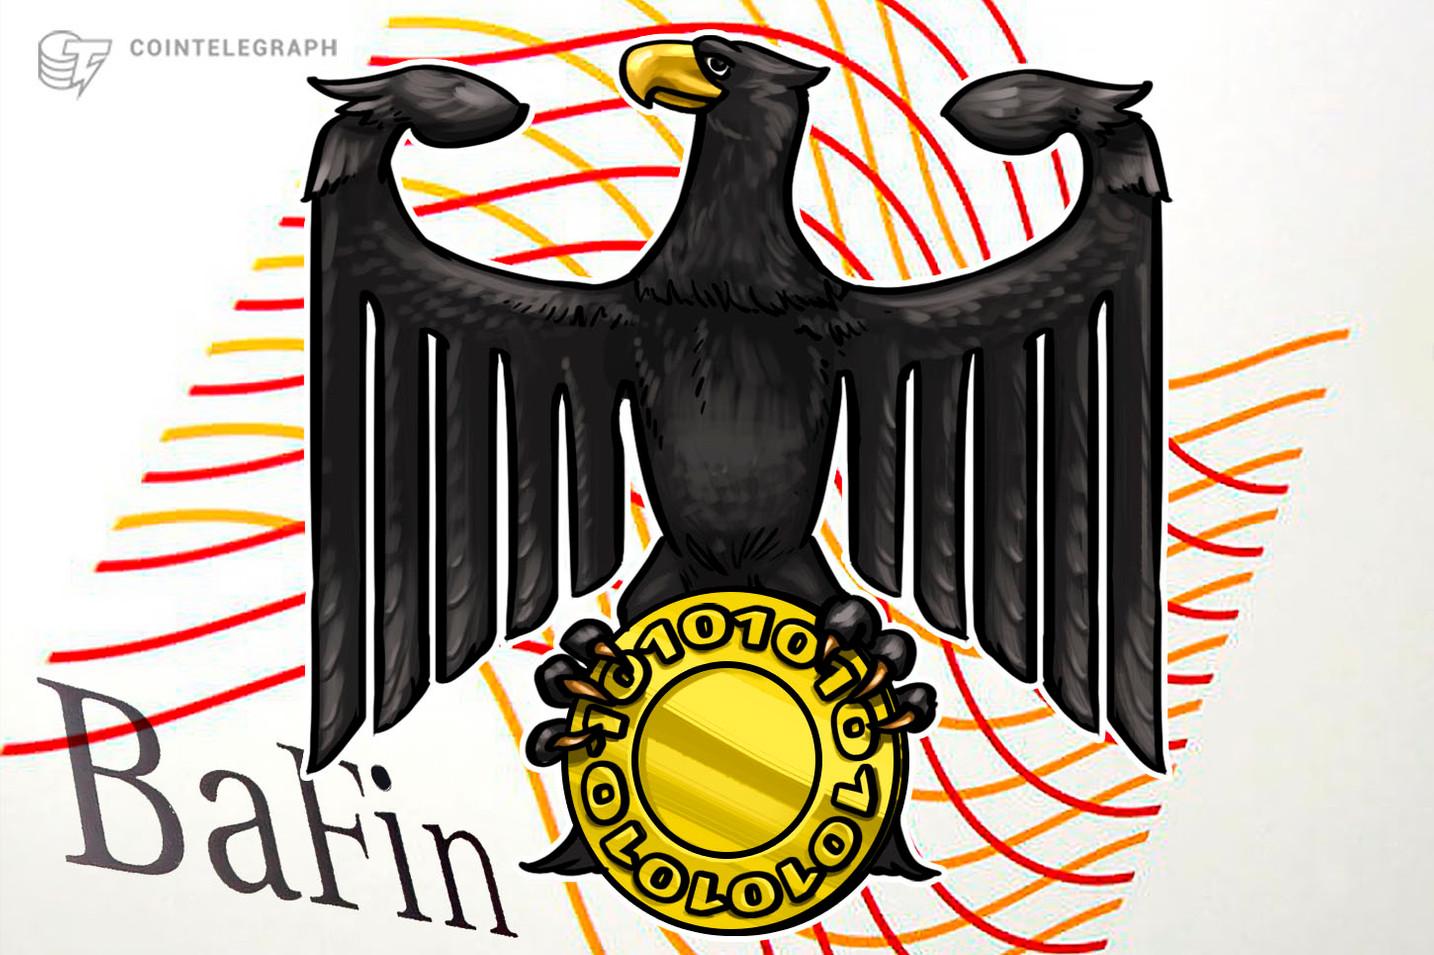 BaFin erläutert in Fachartikel die Rechtslage bei Security Token